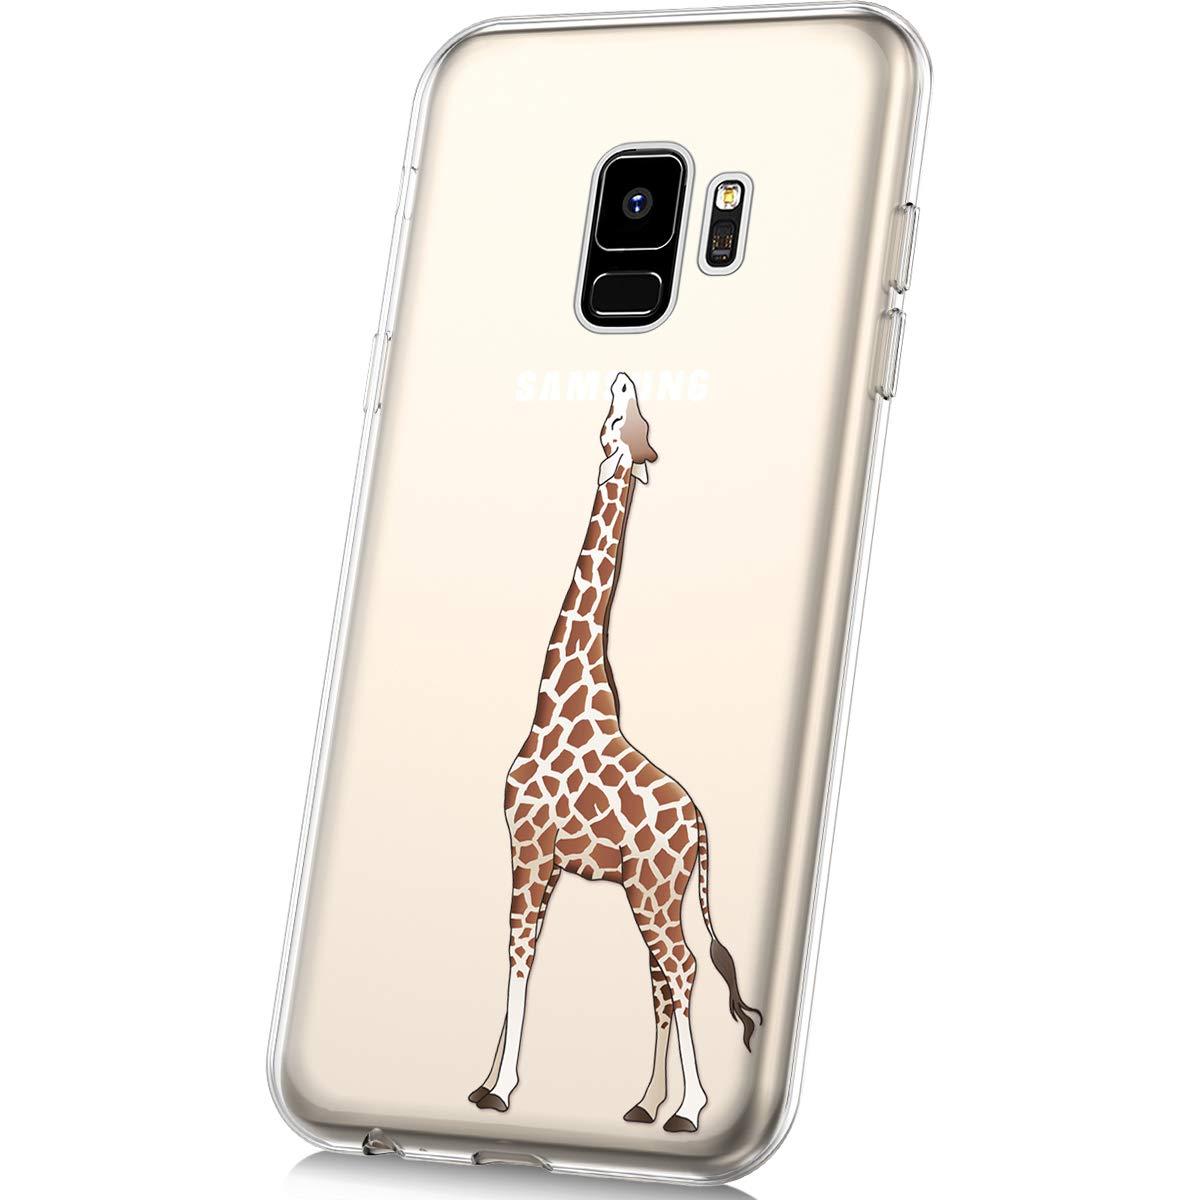 JAWSEU Custodia Galaxy S9,Cover Galaxy S9 Silicone TPU Trasparente,Bella Creativo Cristallo Chiaro Ultra Sottile Flessibile Morbida Soft Gel Bumper Coperture Protettiva Cover,#19